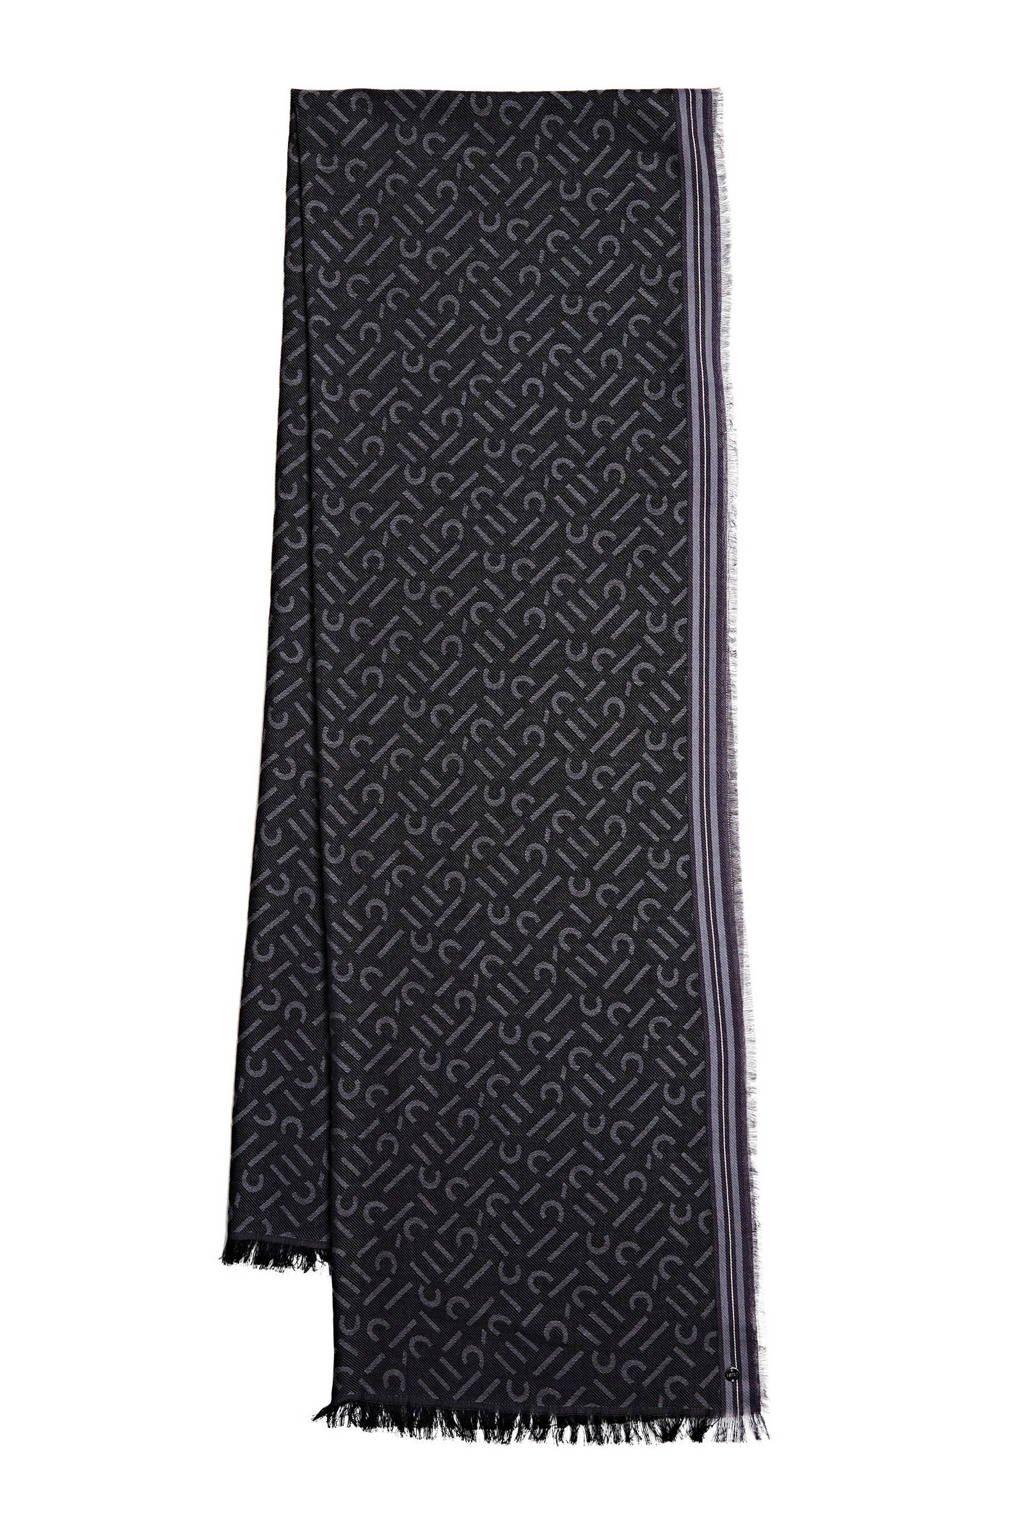 ESPRIT sjaal antraciet, Antraciet/lichtgrijs